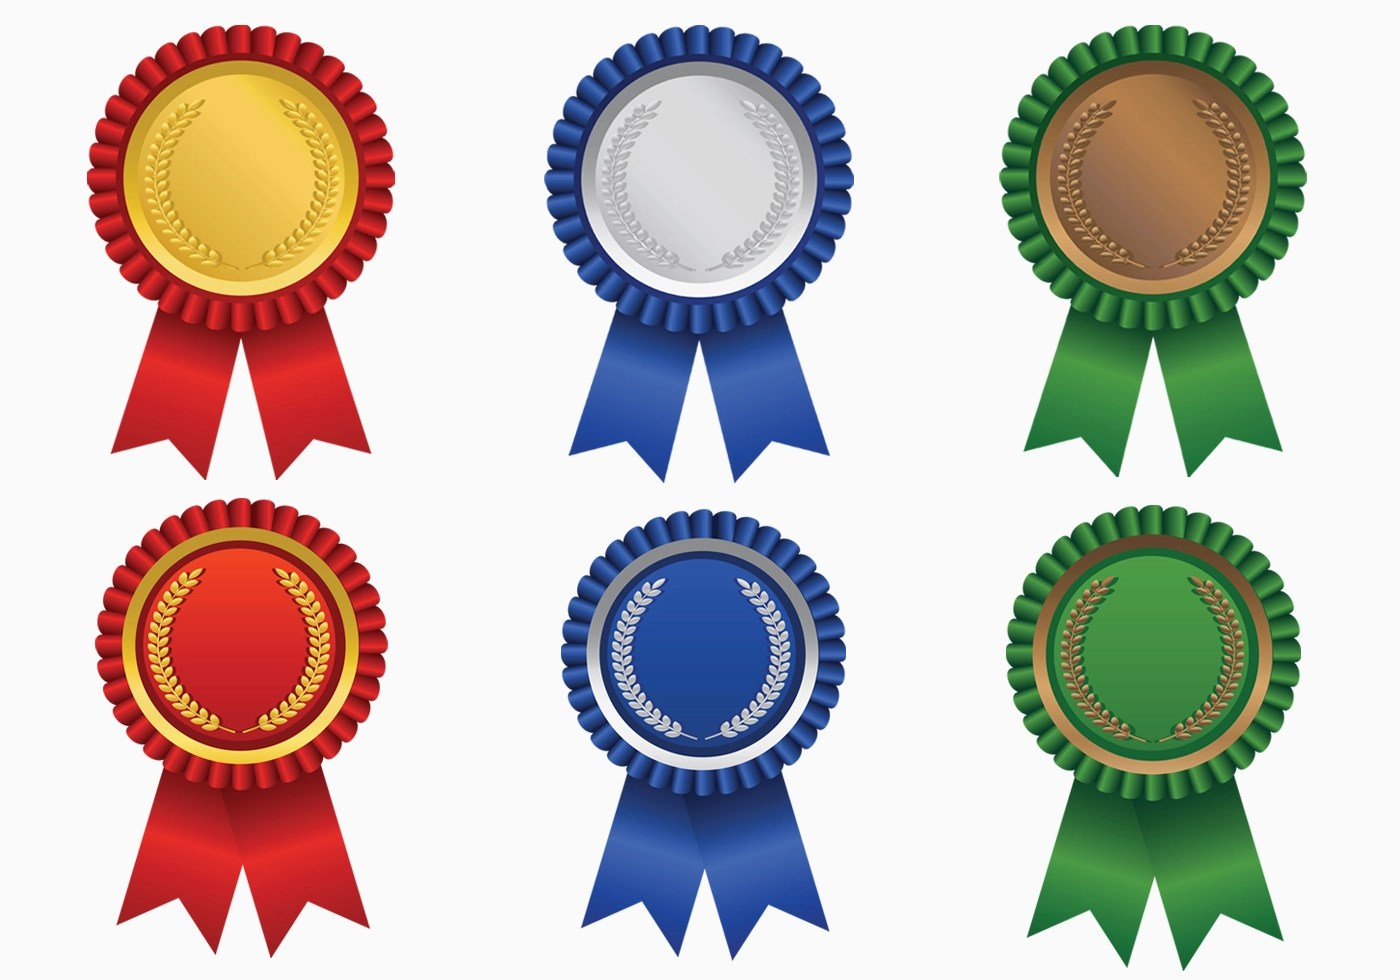 Bright Colored Award Ribbon Vector Pack